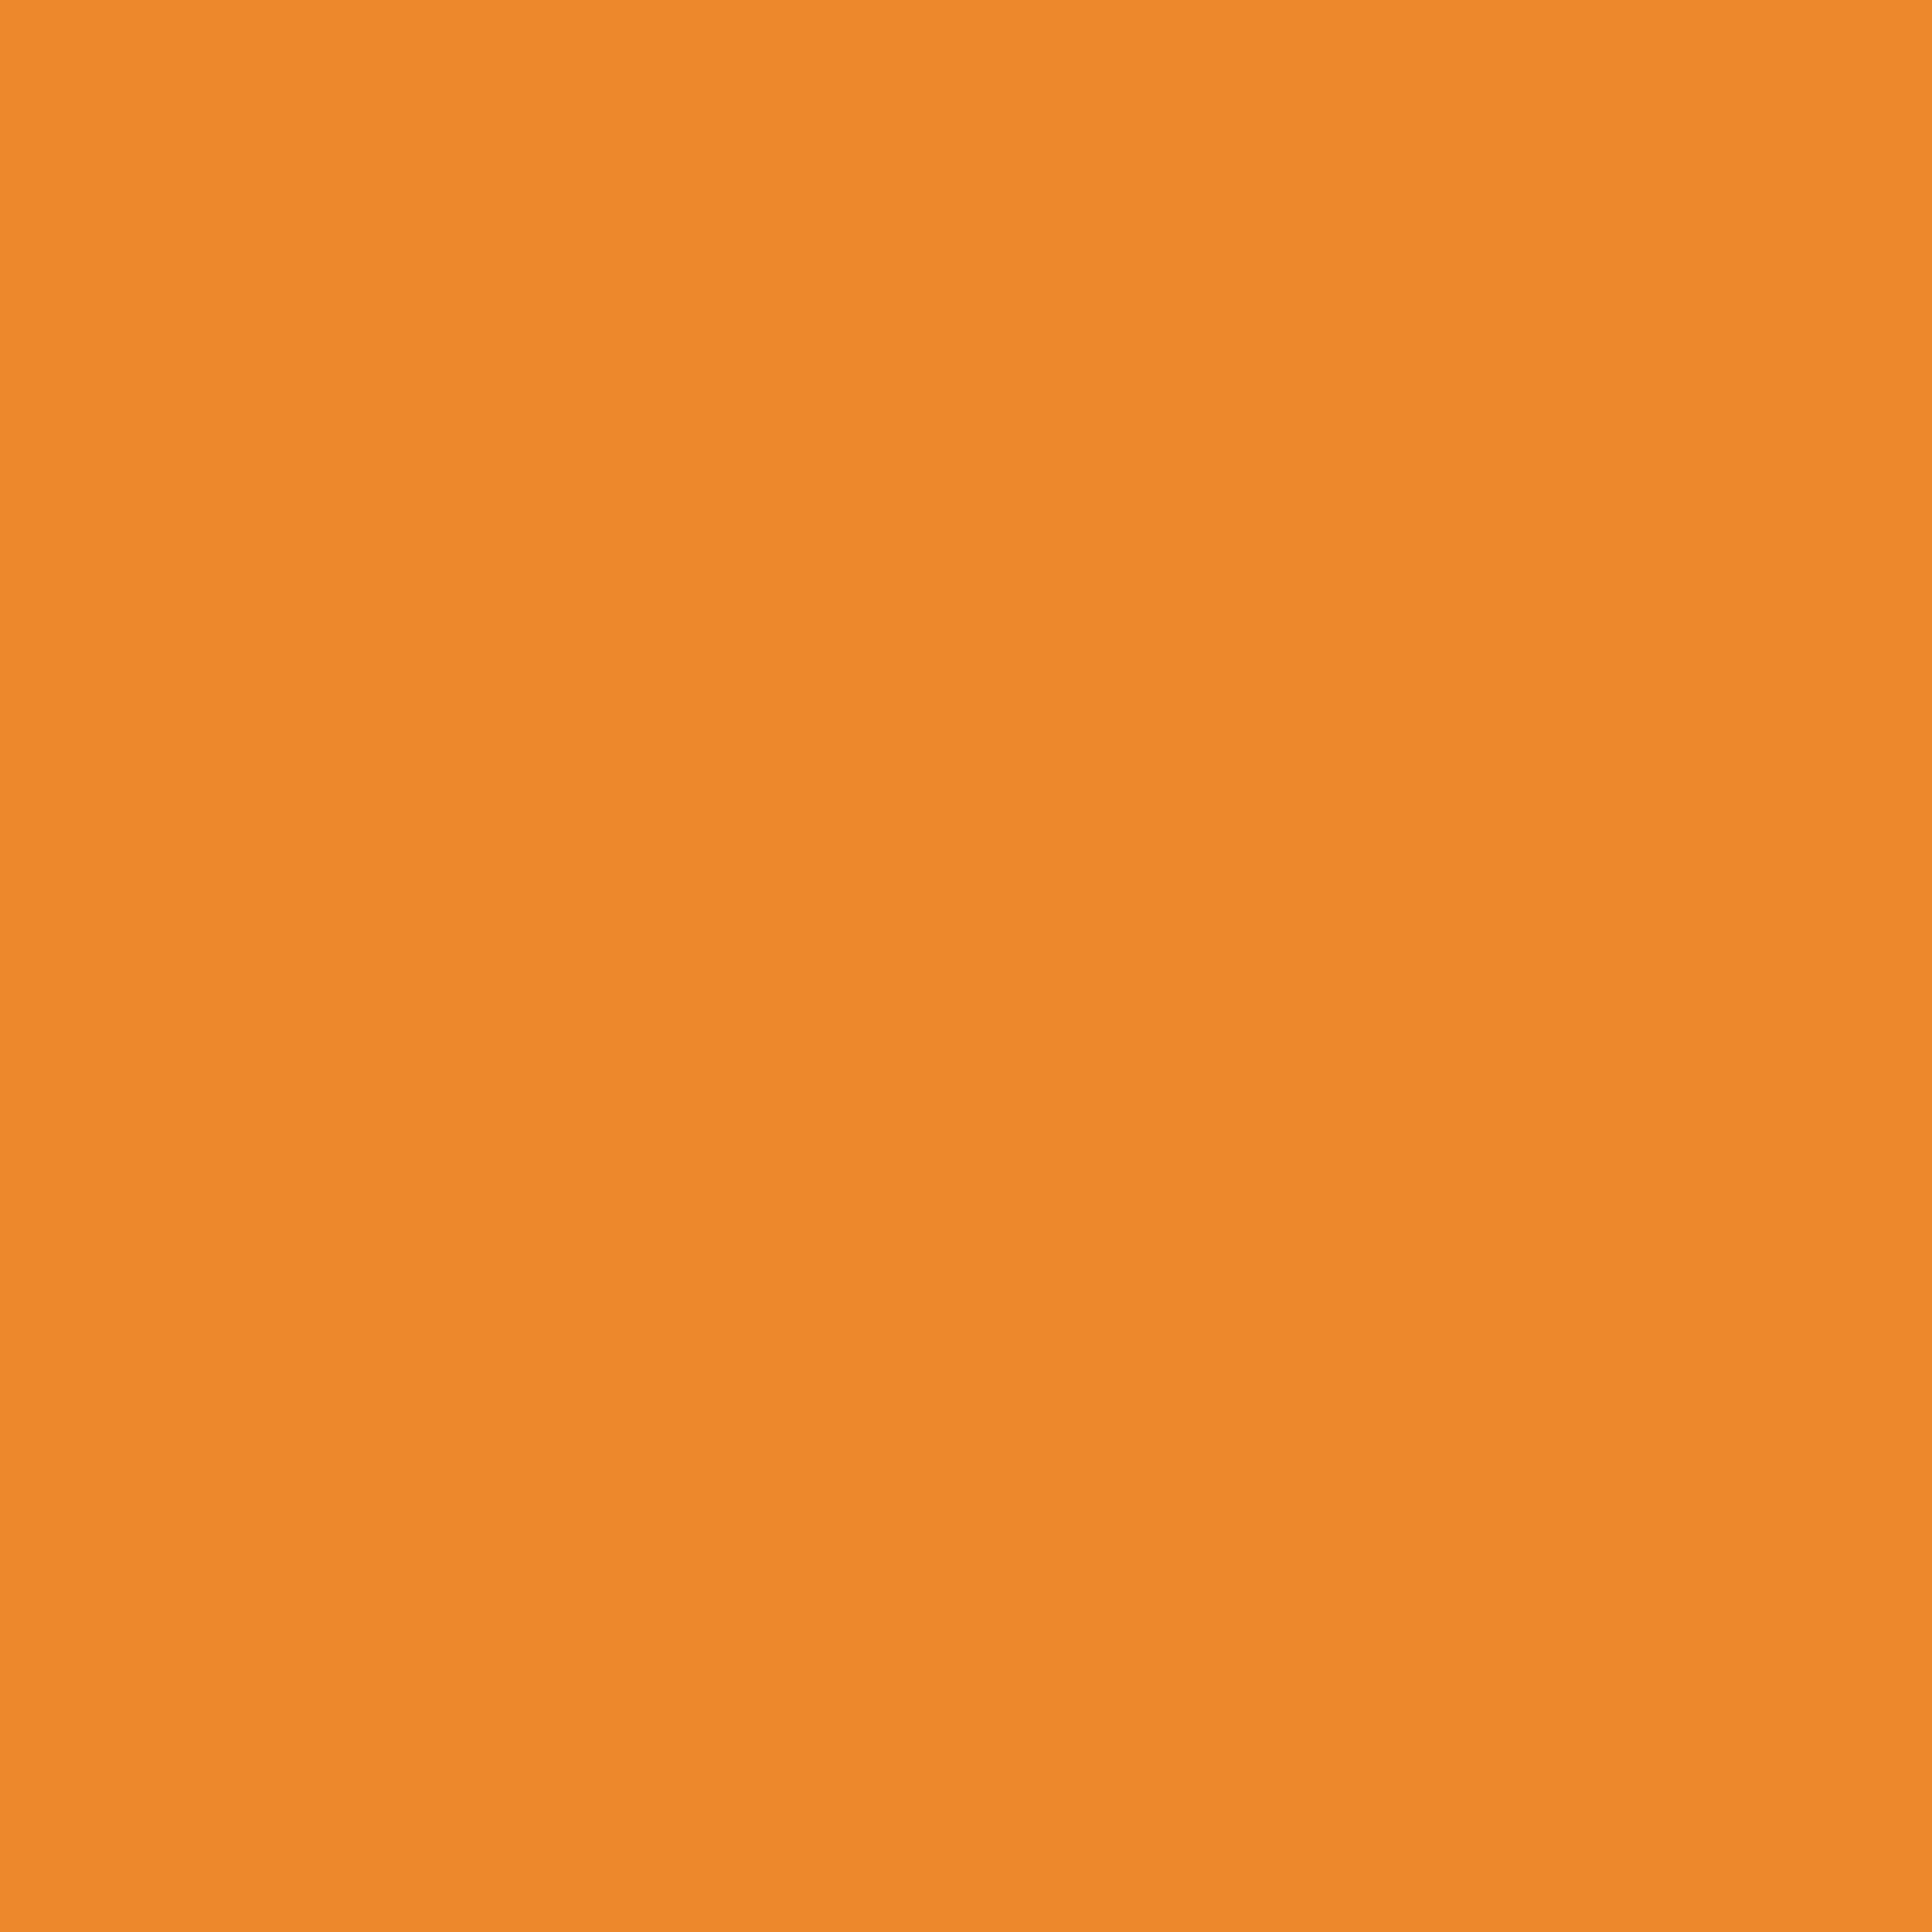 2732x2732 Cadmium Orange Solid Color Background